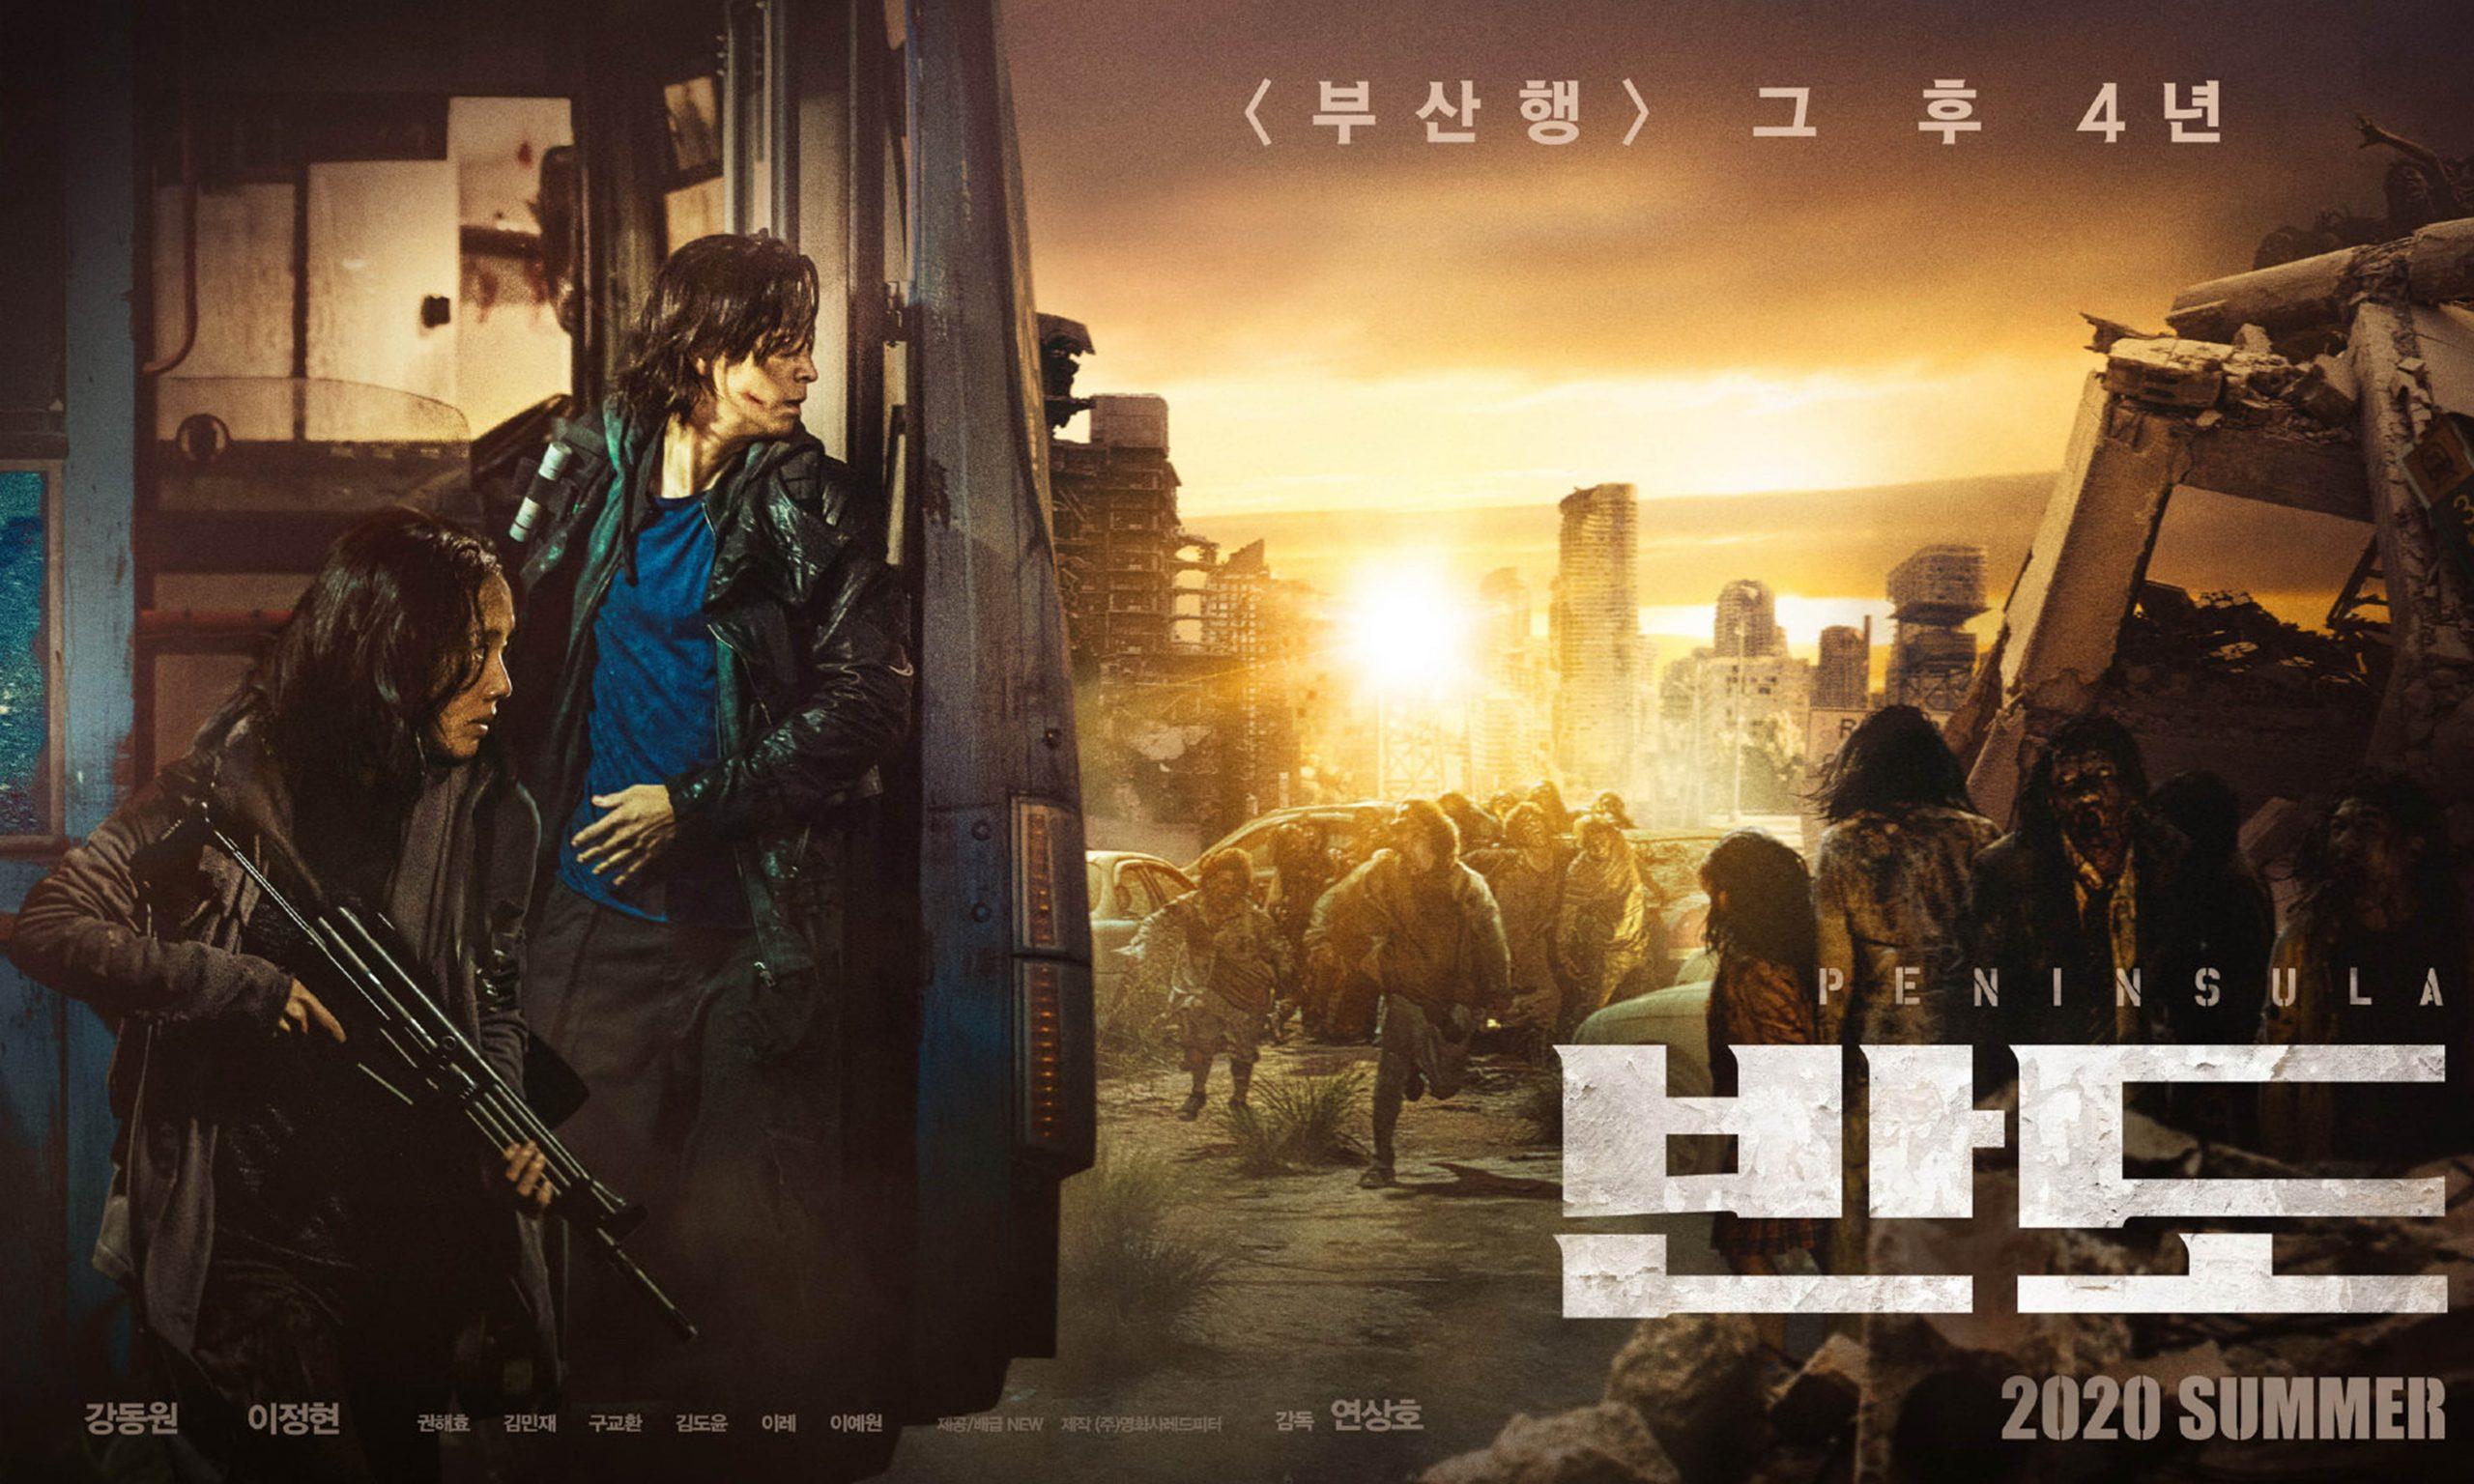 《釜山行 2:半岛》确定将在 7 月韩国公映